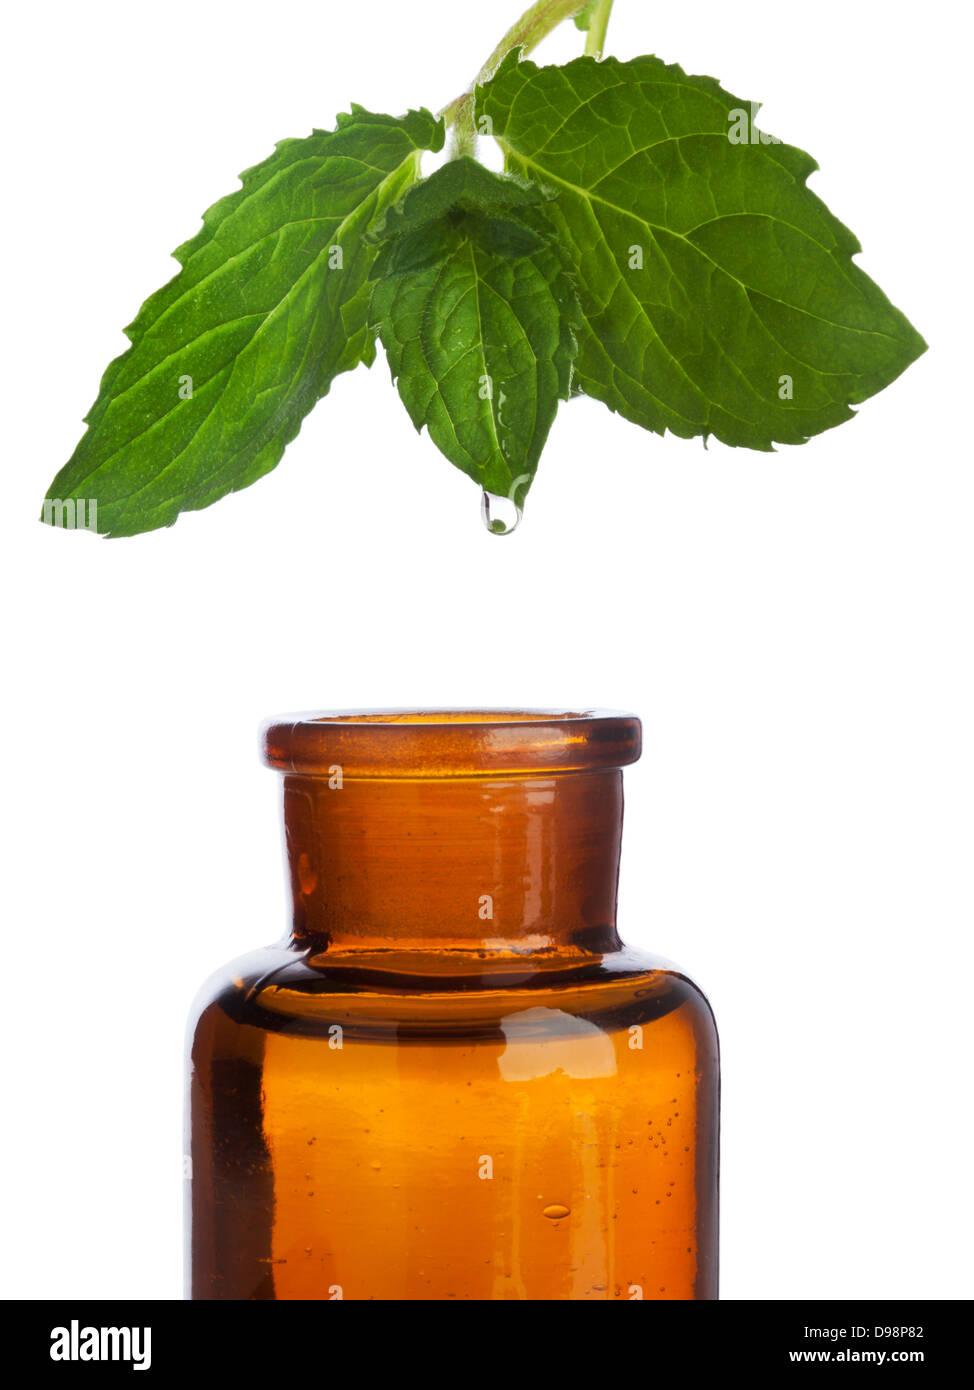 Goccia di essenza a base di erbe che gocciola dalla foglia di menta in marrone farmacia bottiglia, isolato su sfondo Immagini Stock